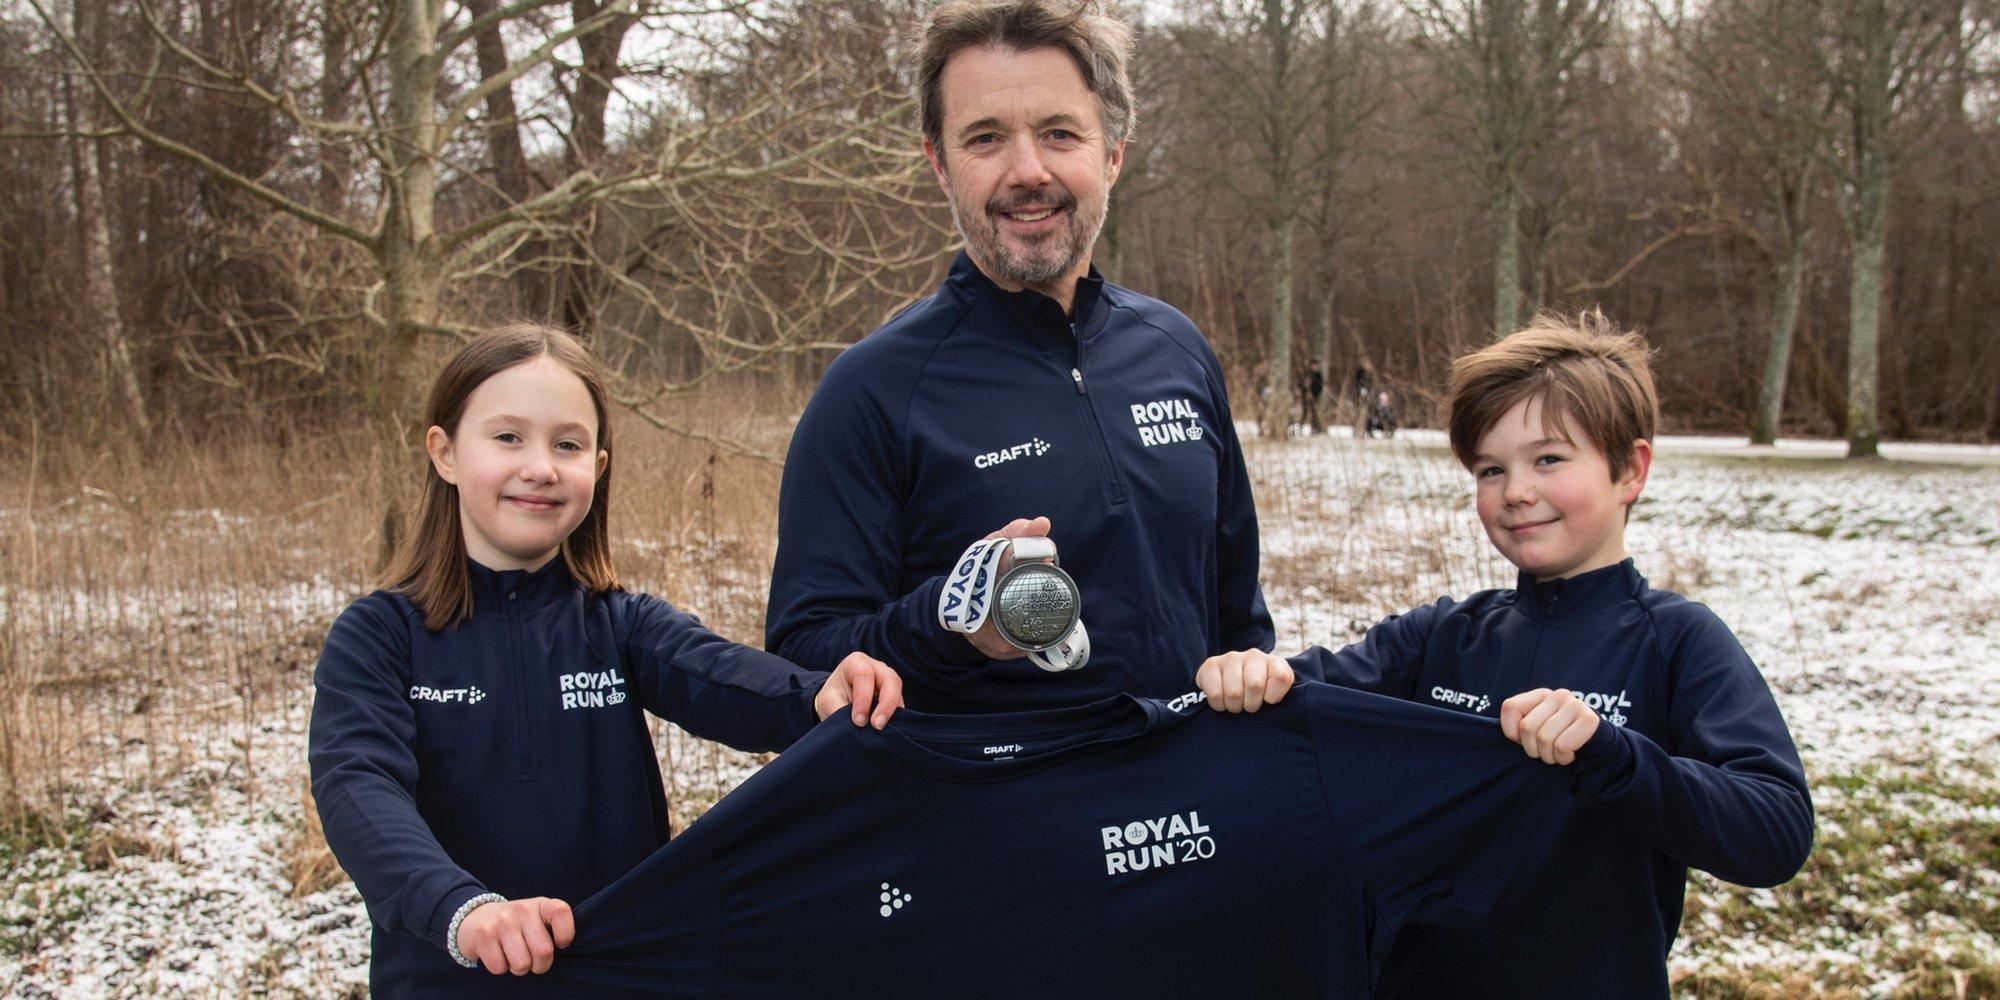 Federico de Dinamarca y sus hijos Vicente y Josefina: pasión por el deporte y una mala noticia